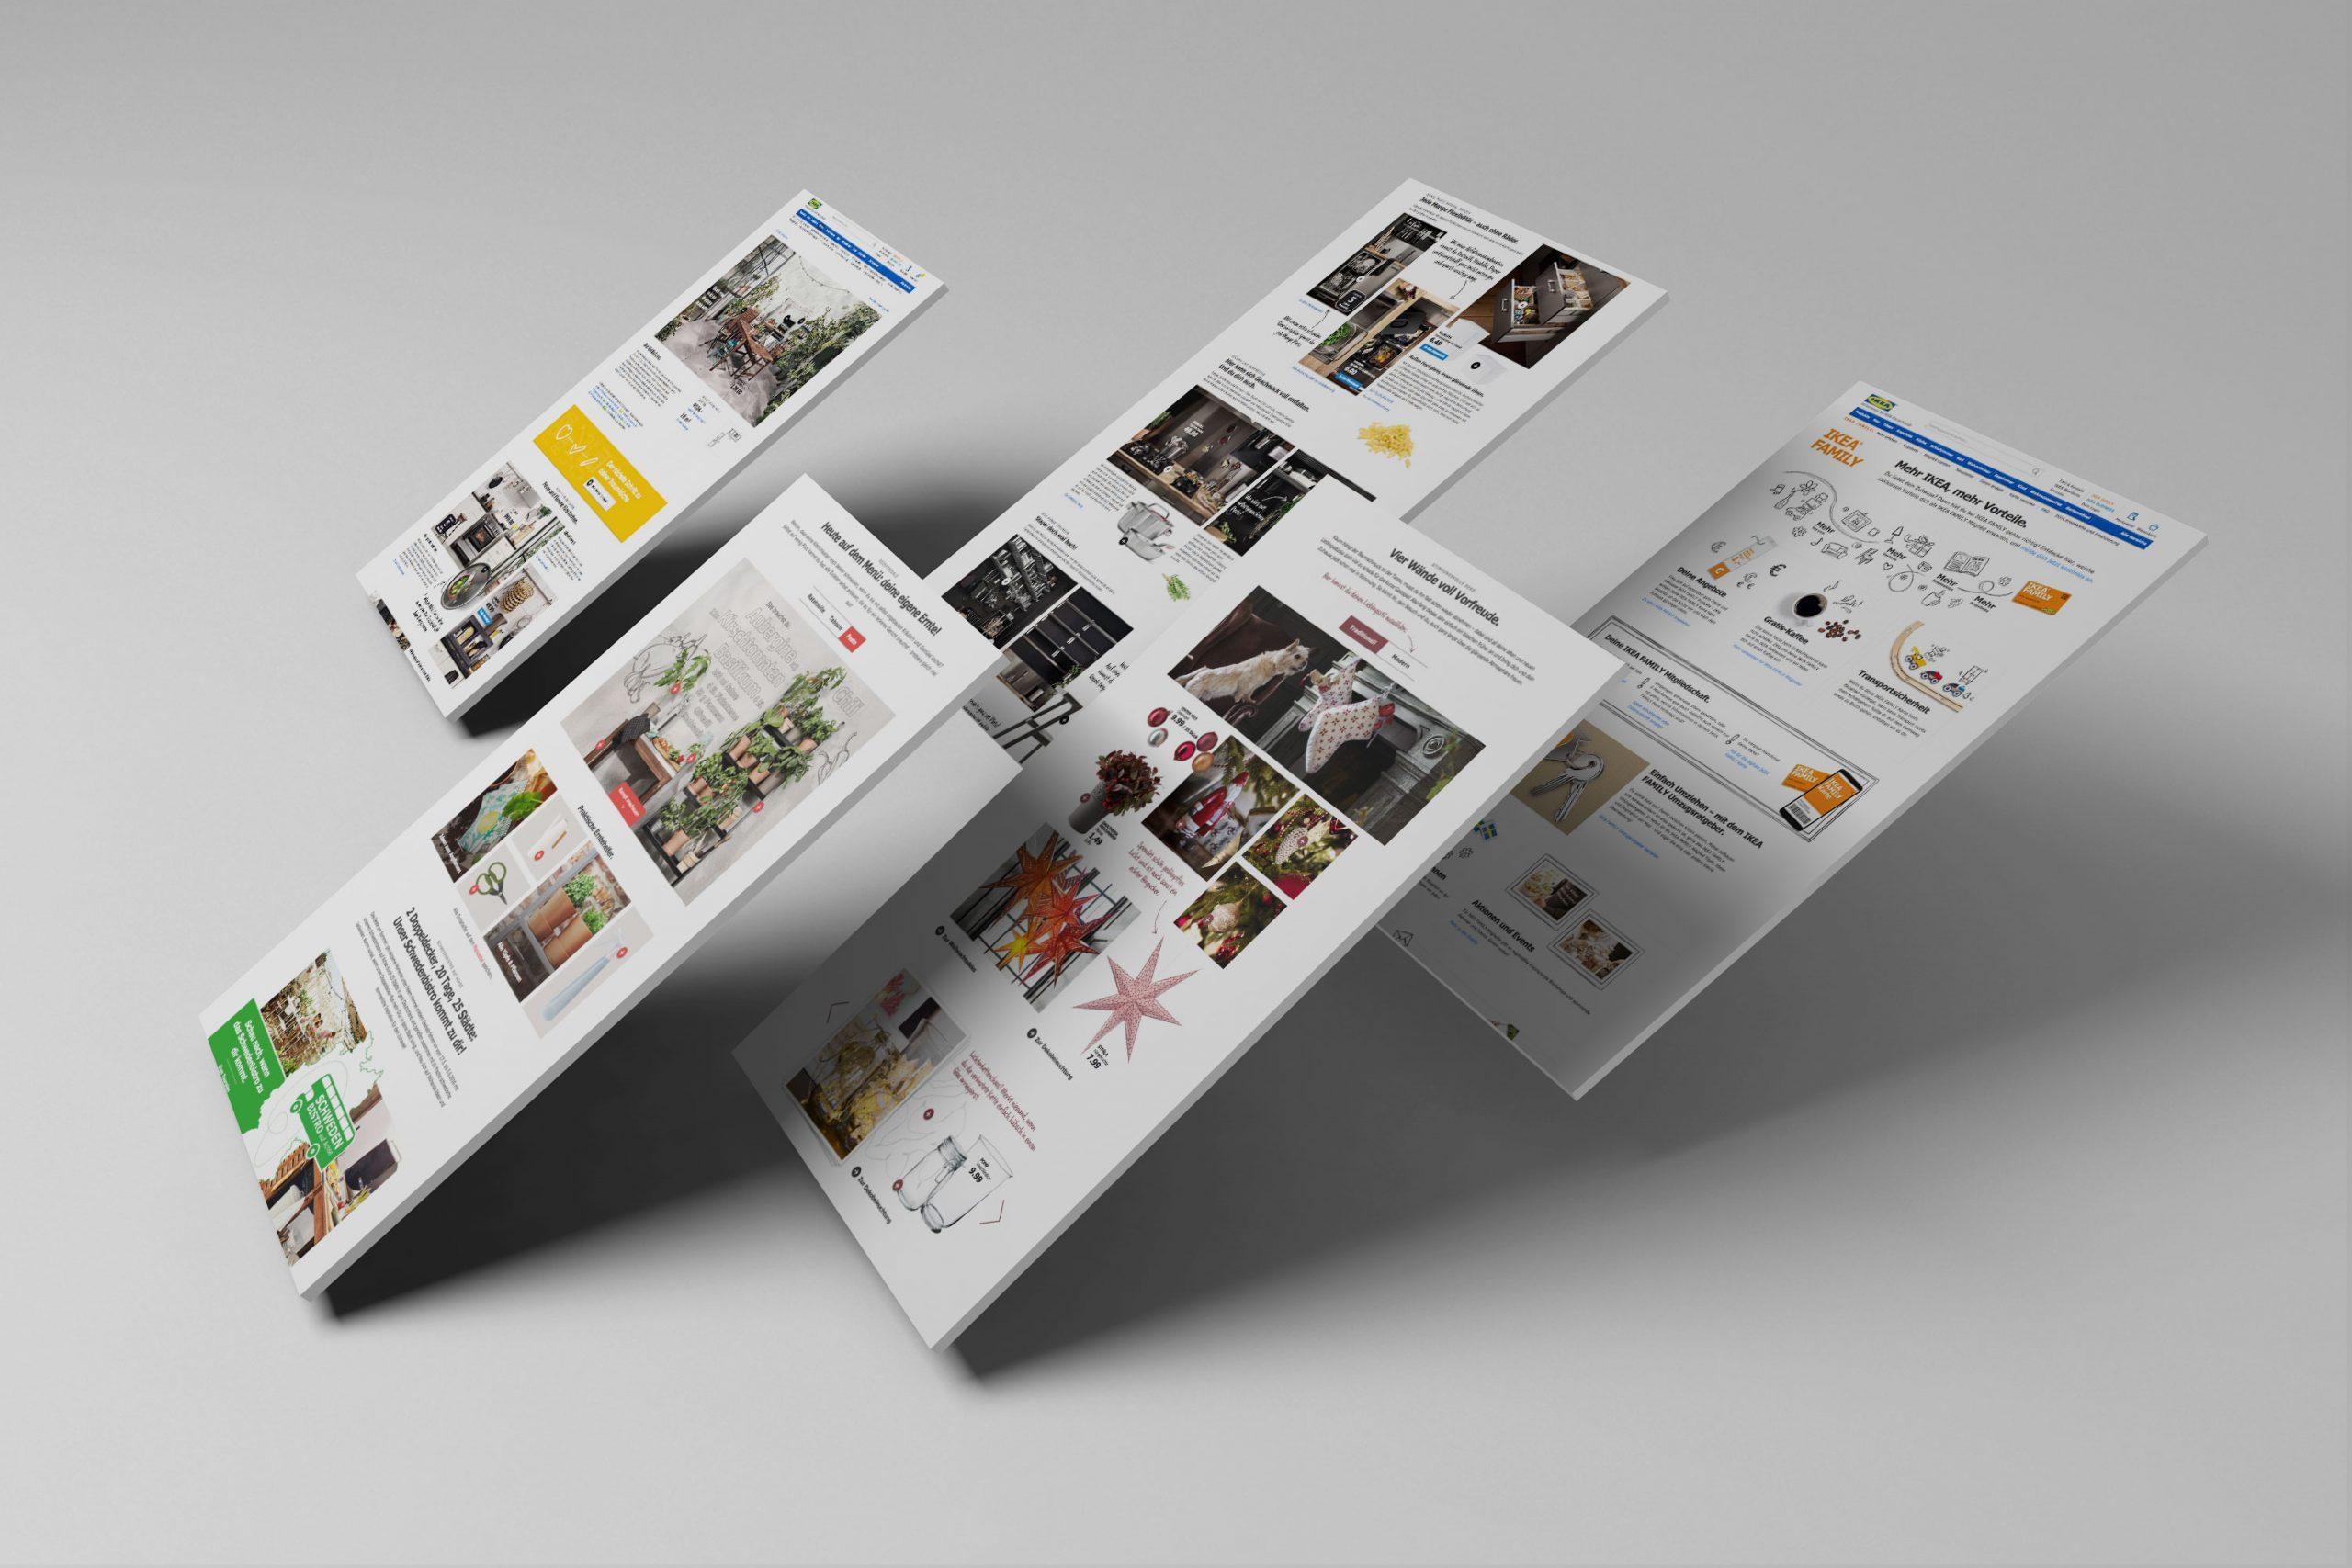 Verschiedene Seiten auf der IKEA.de schweben aufrecht in einem leeren Raum.